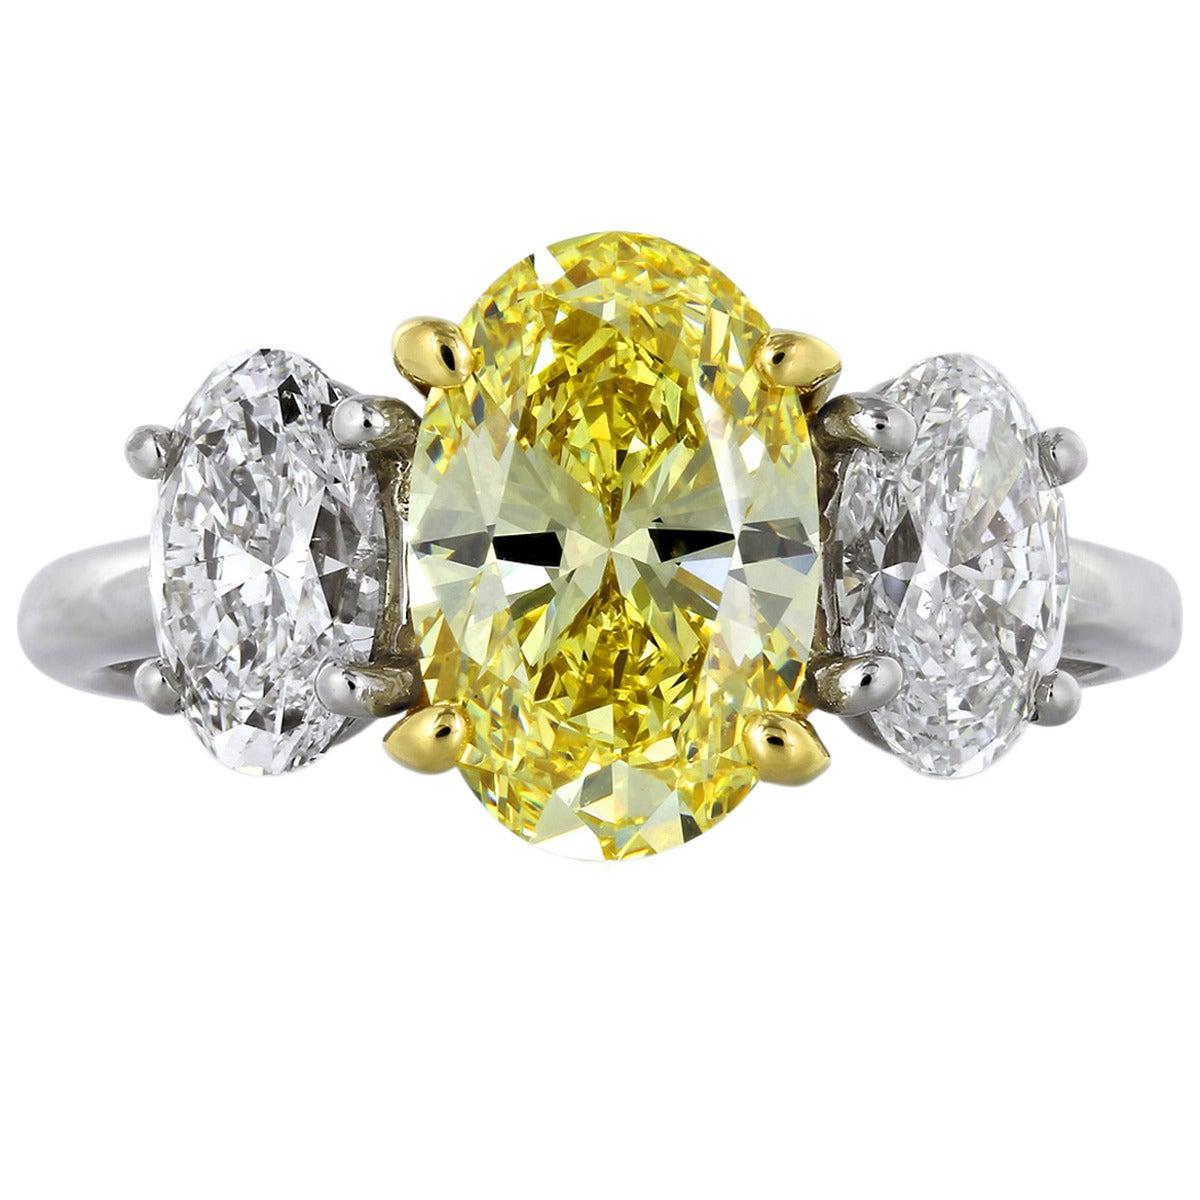 2.12 Carat Fancy Intense Yellow GIA Diamond Ring